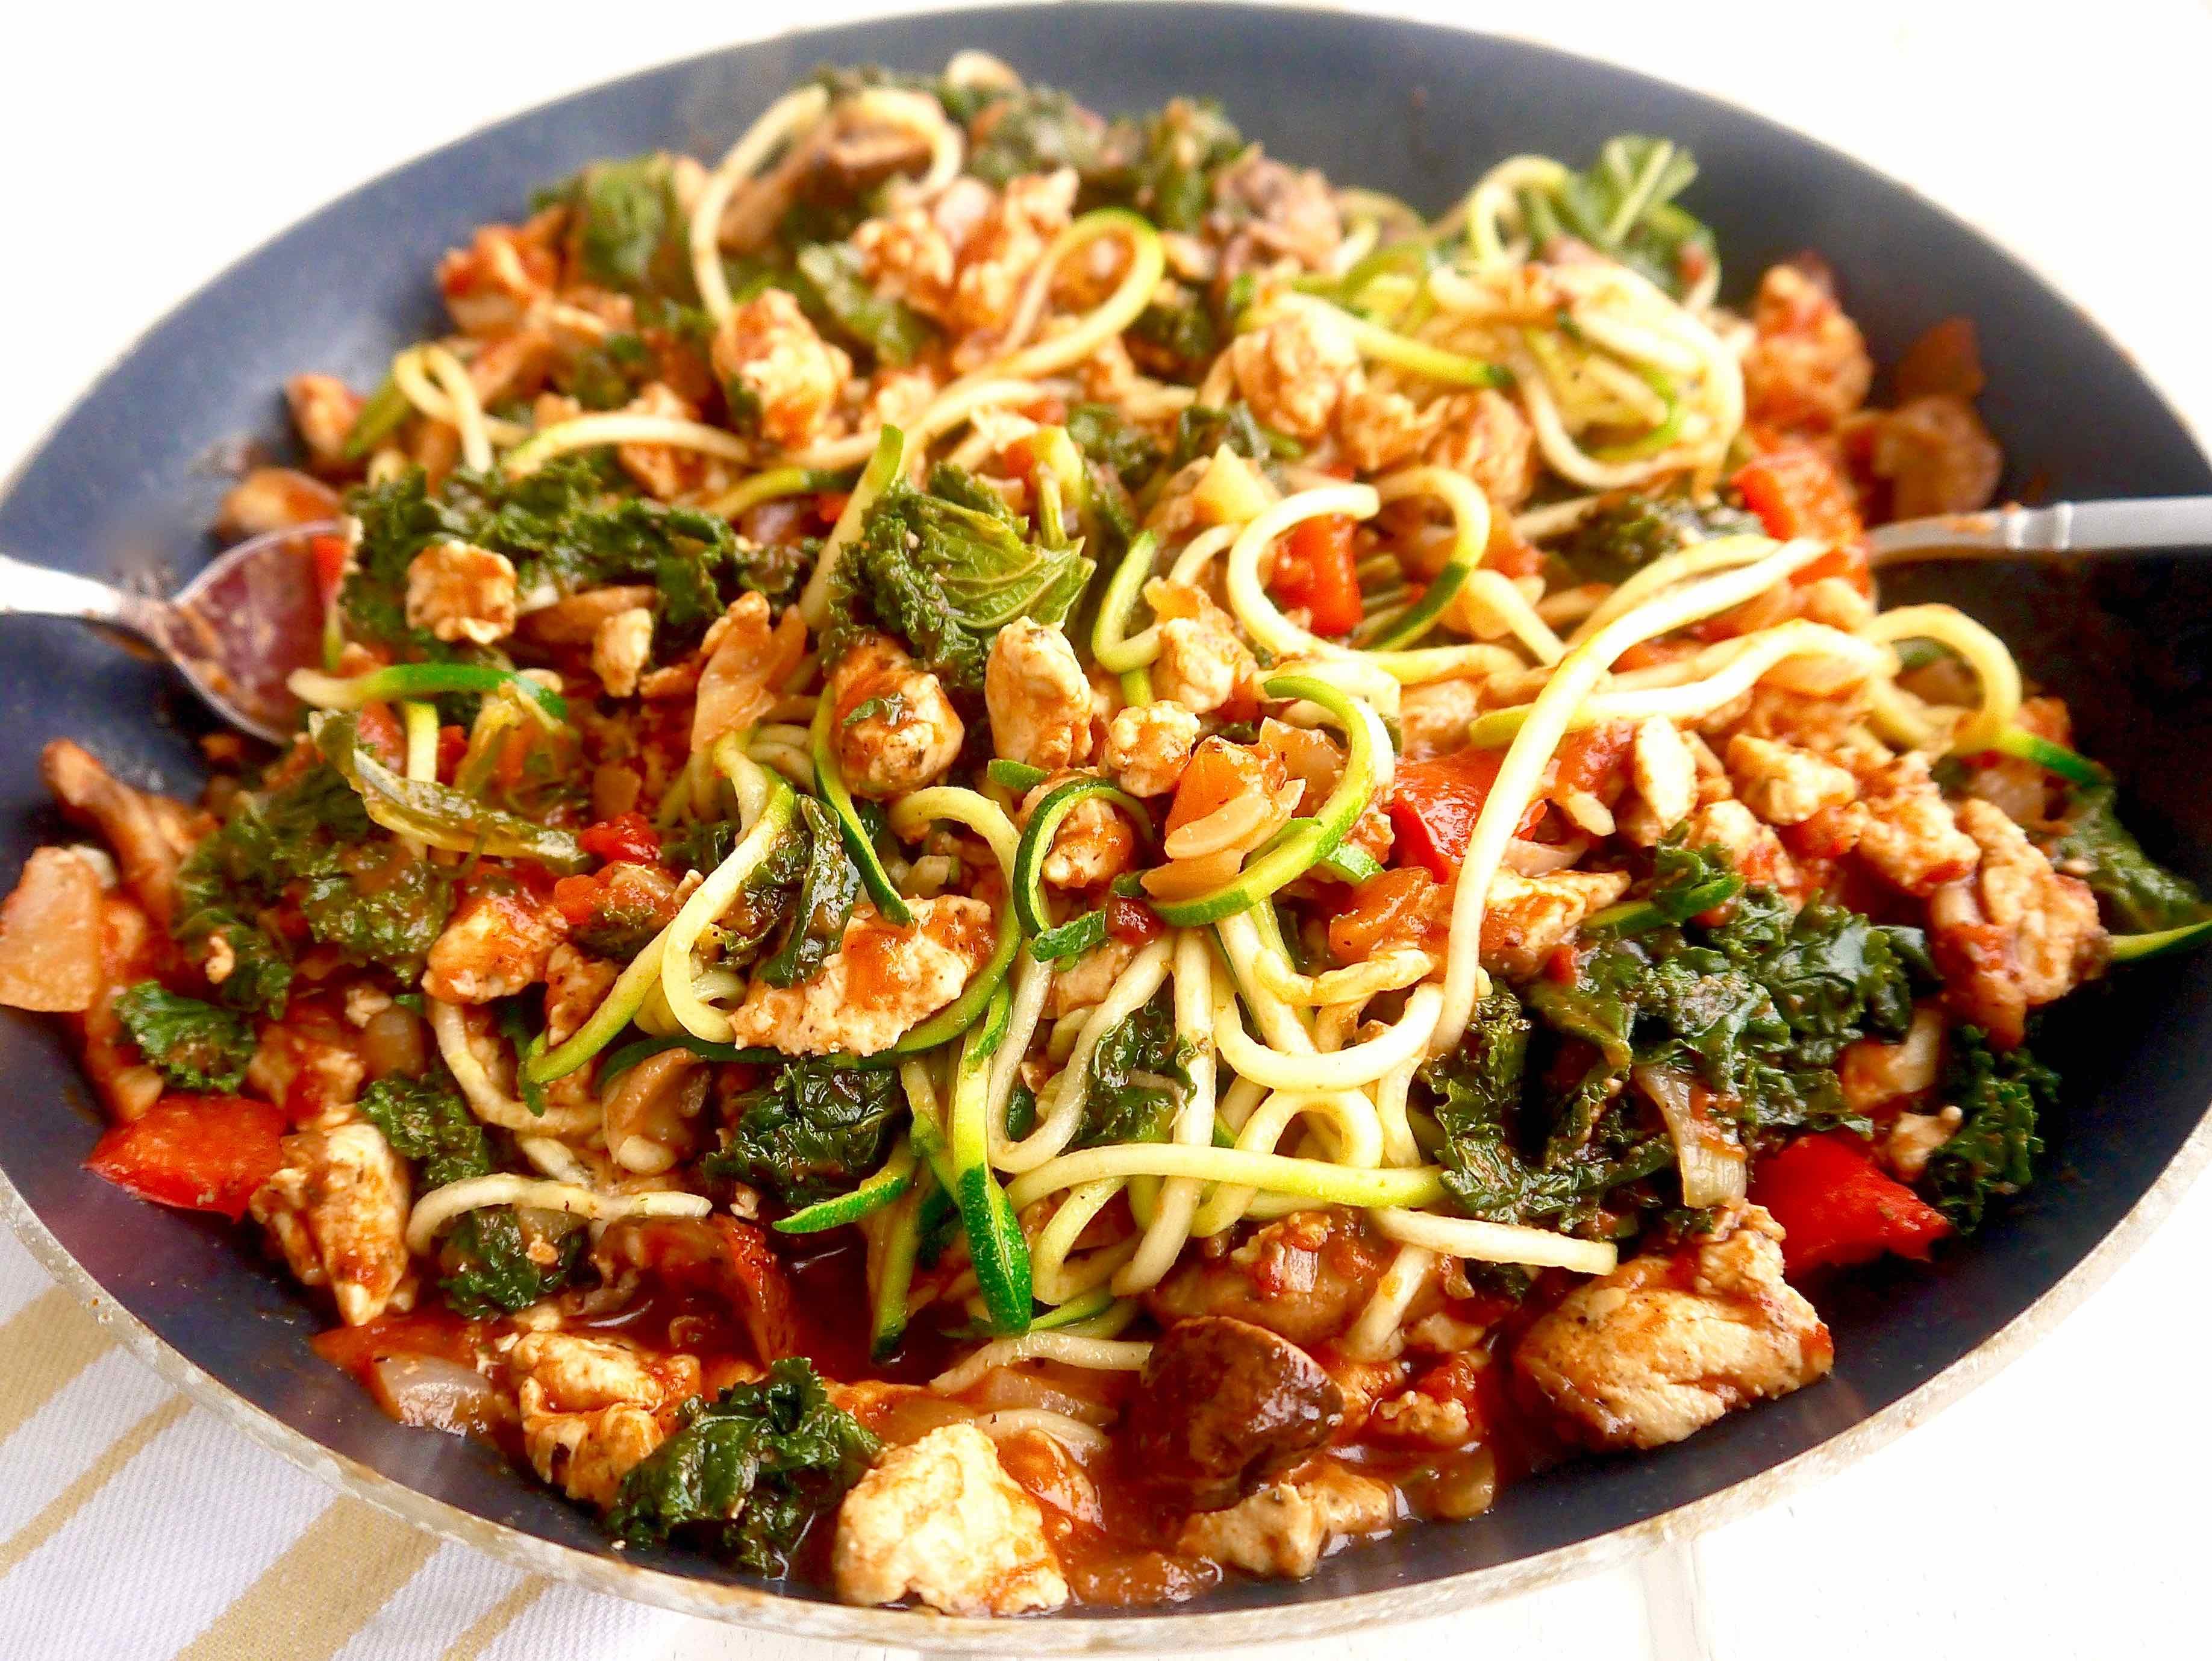 Paleo-Mushroom- Kale-Spiced-Ground-Chicken-Tomato-Sauce-perchancetocook www.perchancetocook.jpg